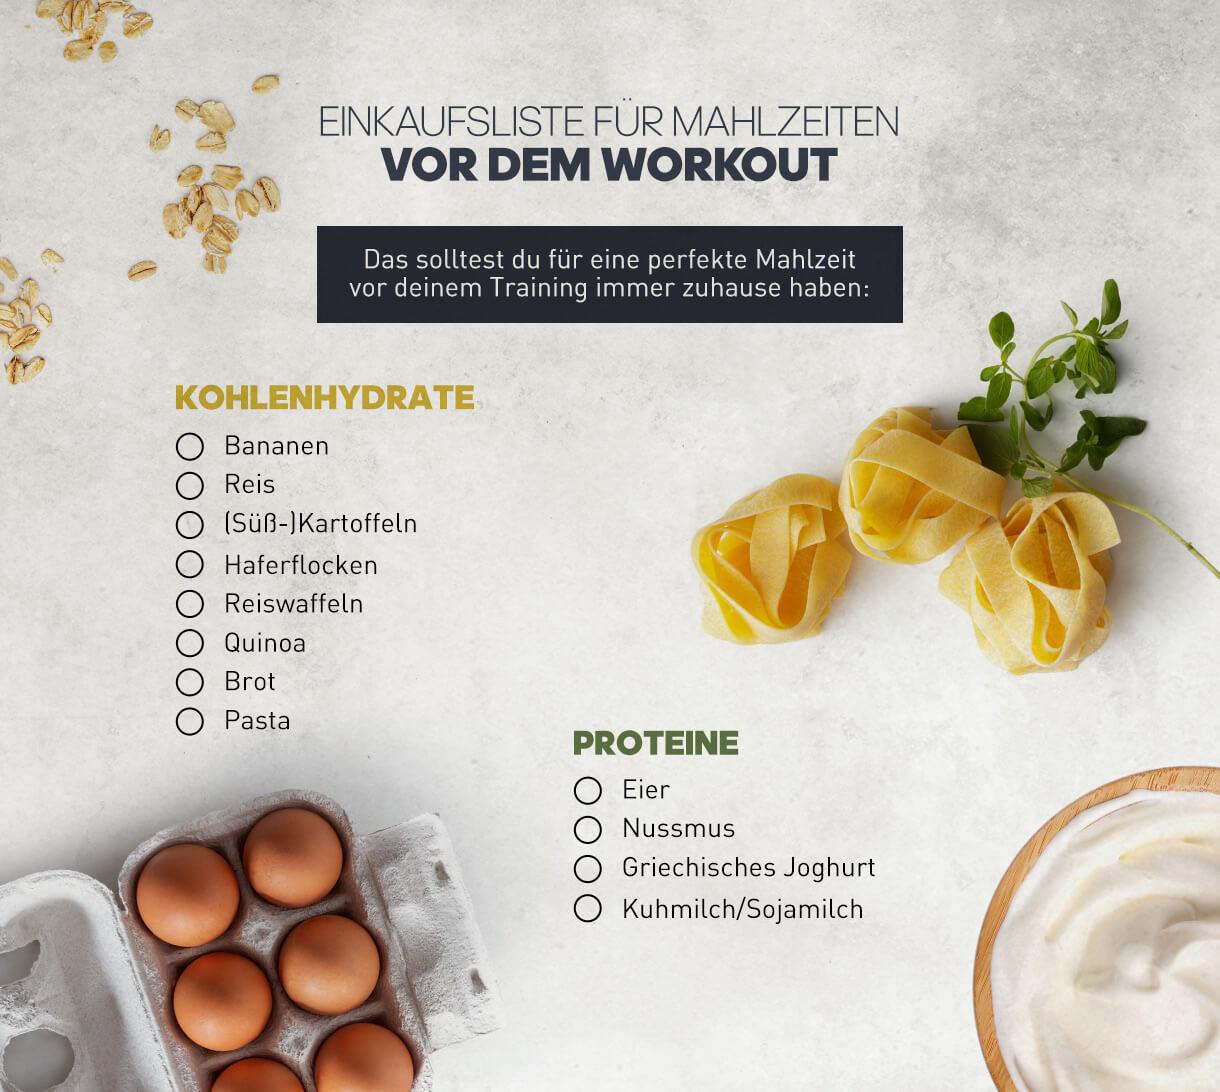 Liste für Mahlzeiten, die sich vor dem Training eignen